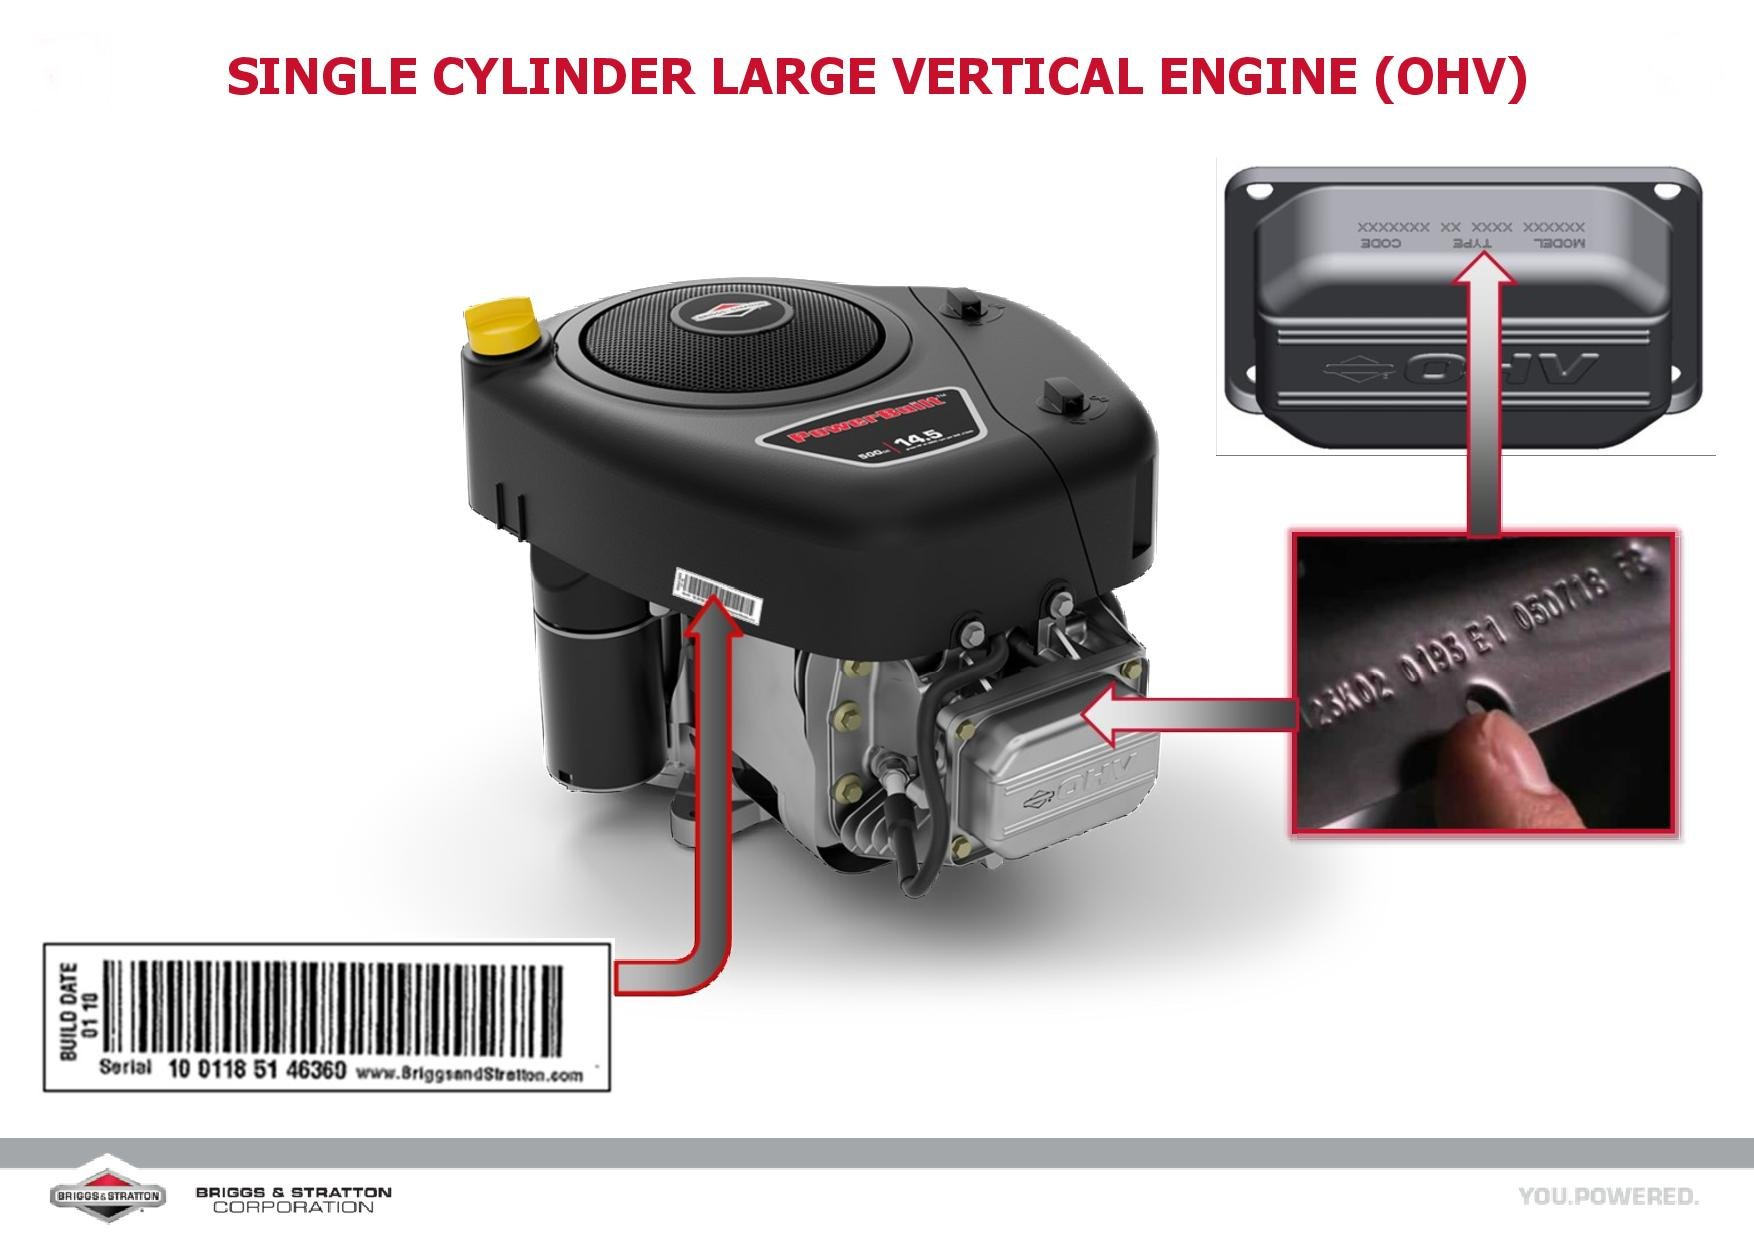 Briggs & Stratton® motor